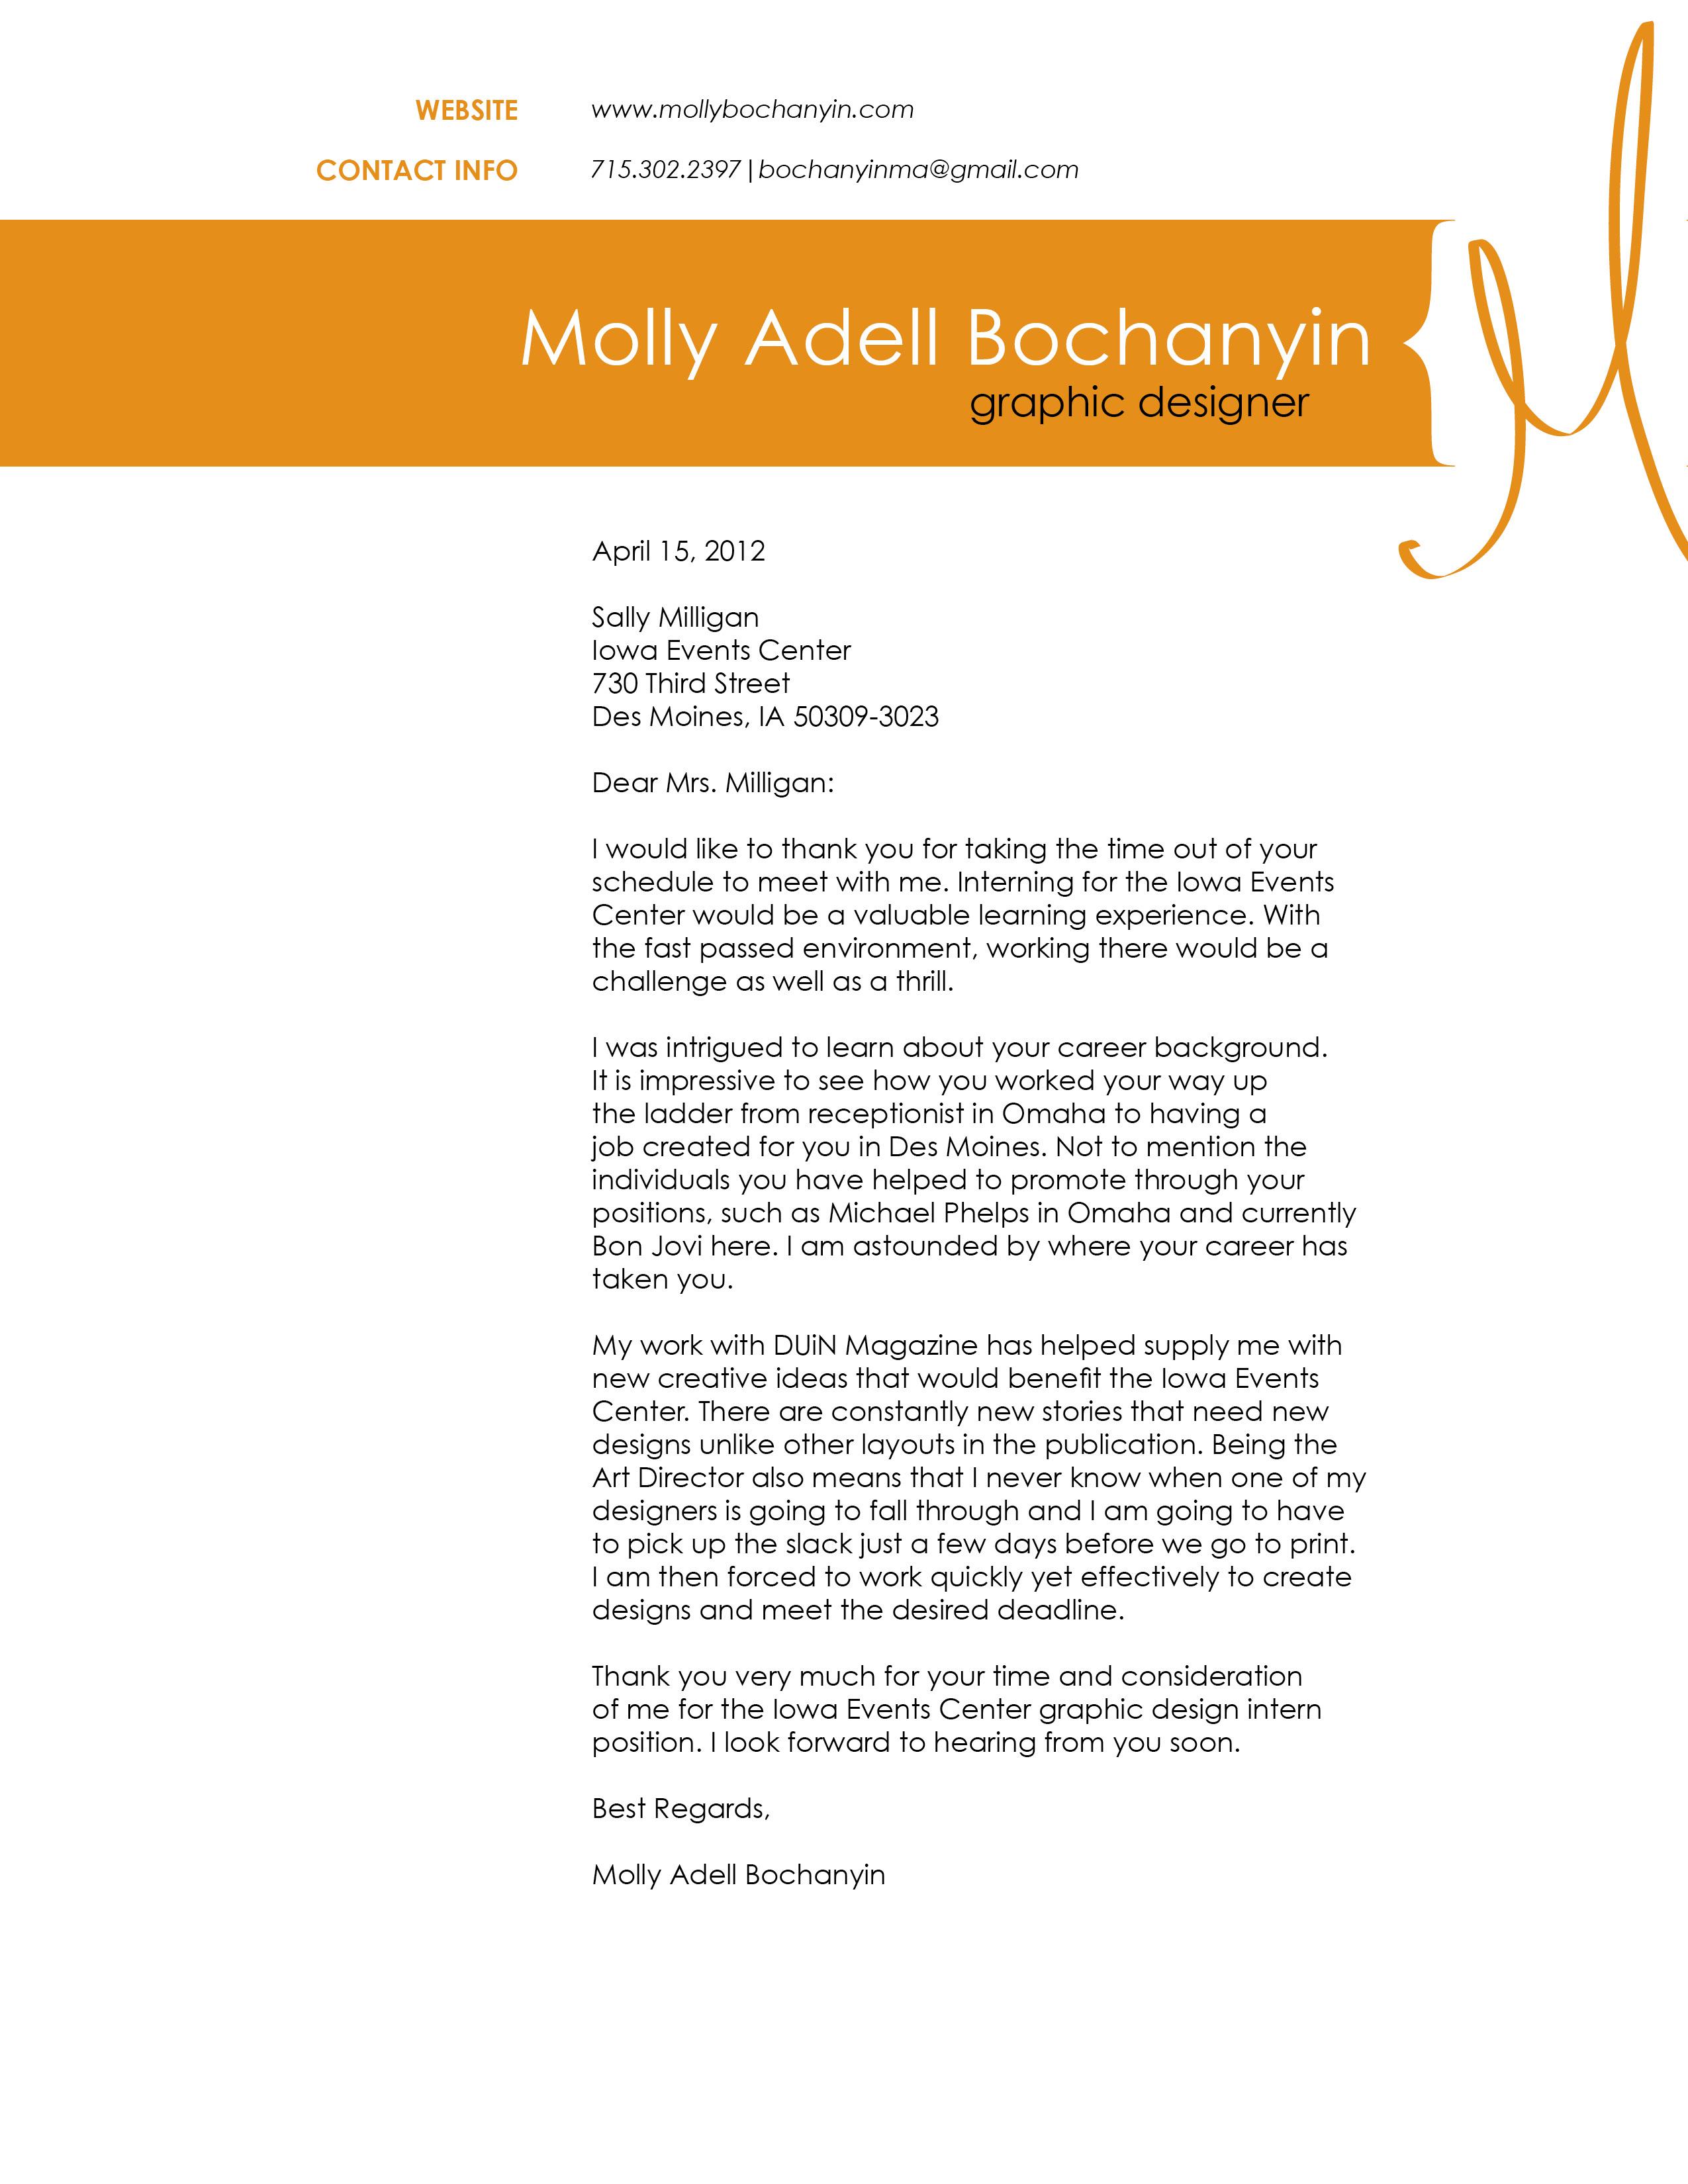 Film Internship Cover Letter - Cover Letter Resume Ideas ...